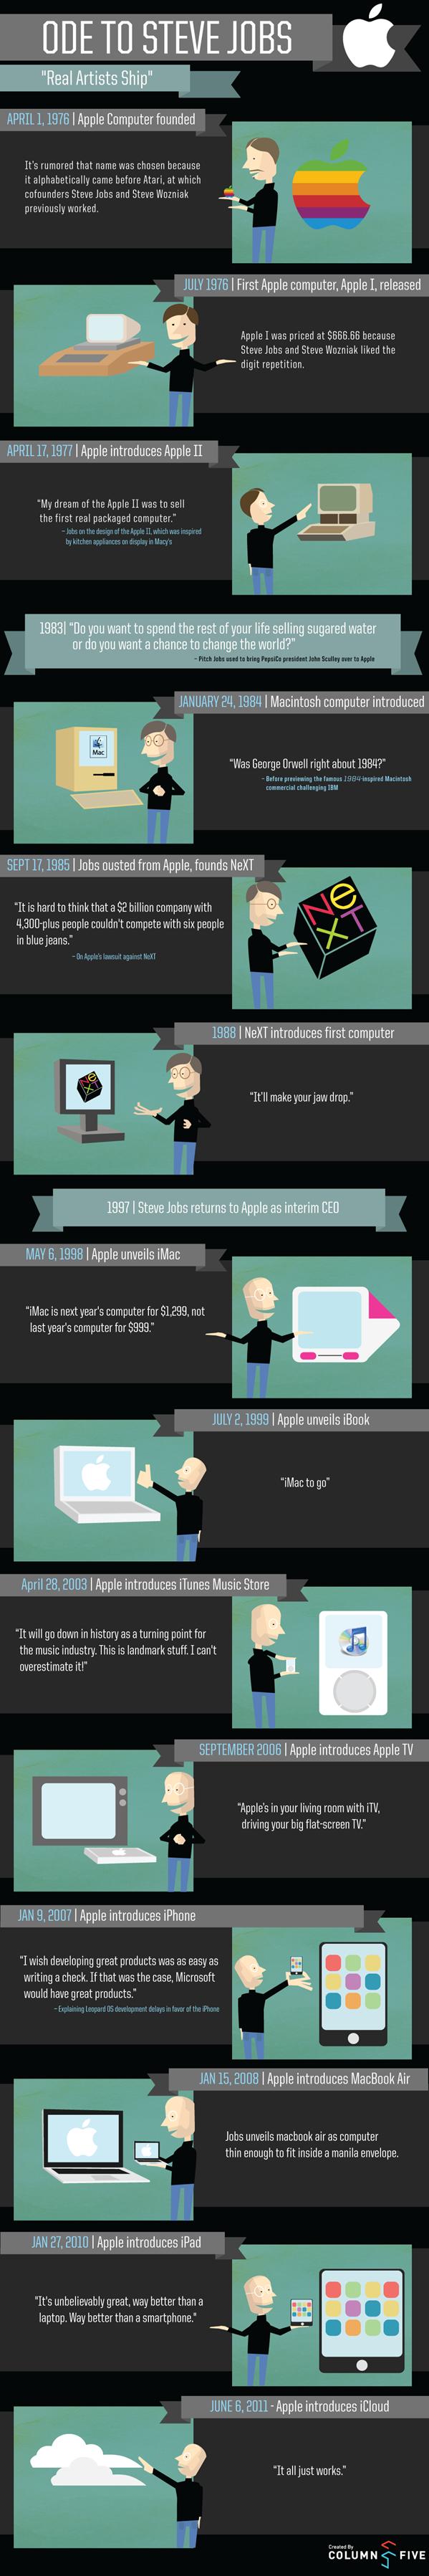 steve jobs - Steve Jobs résumé en une infographie